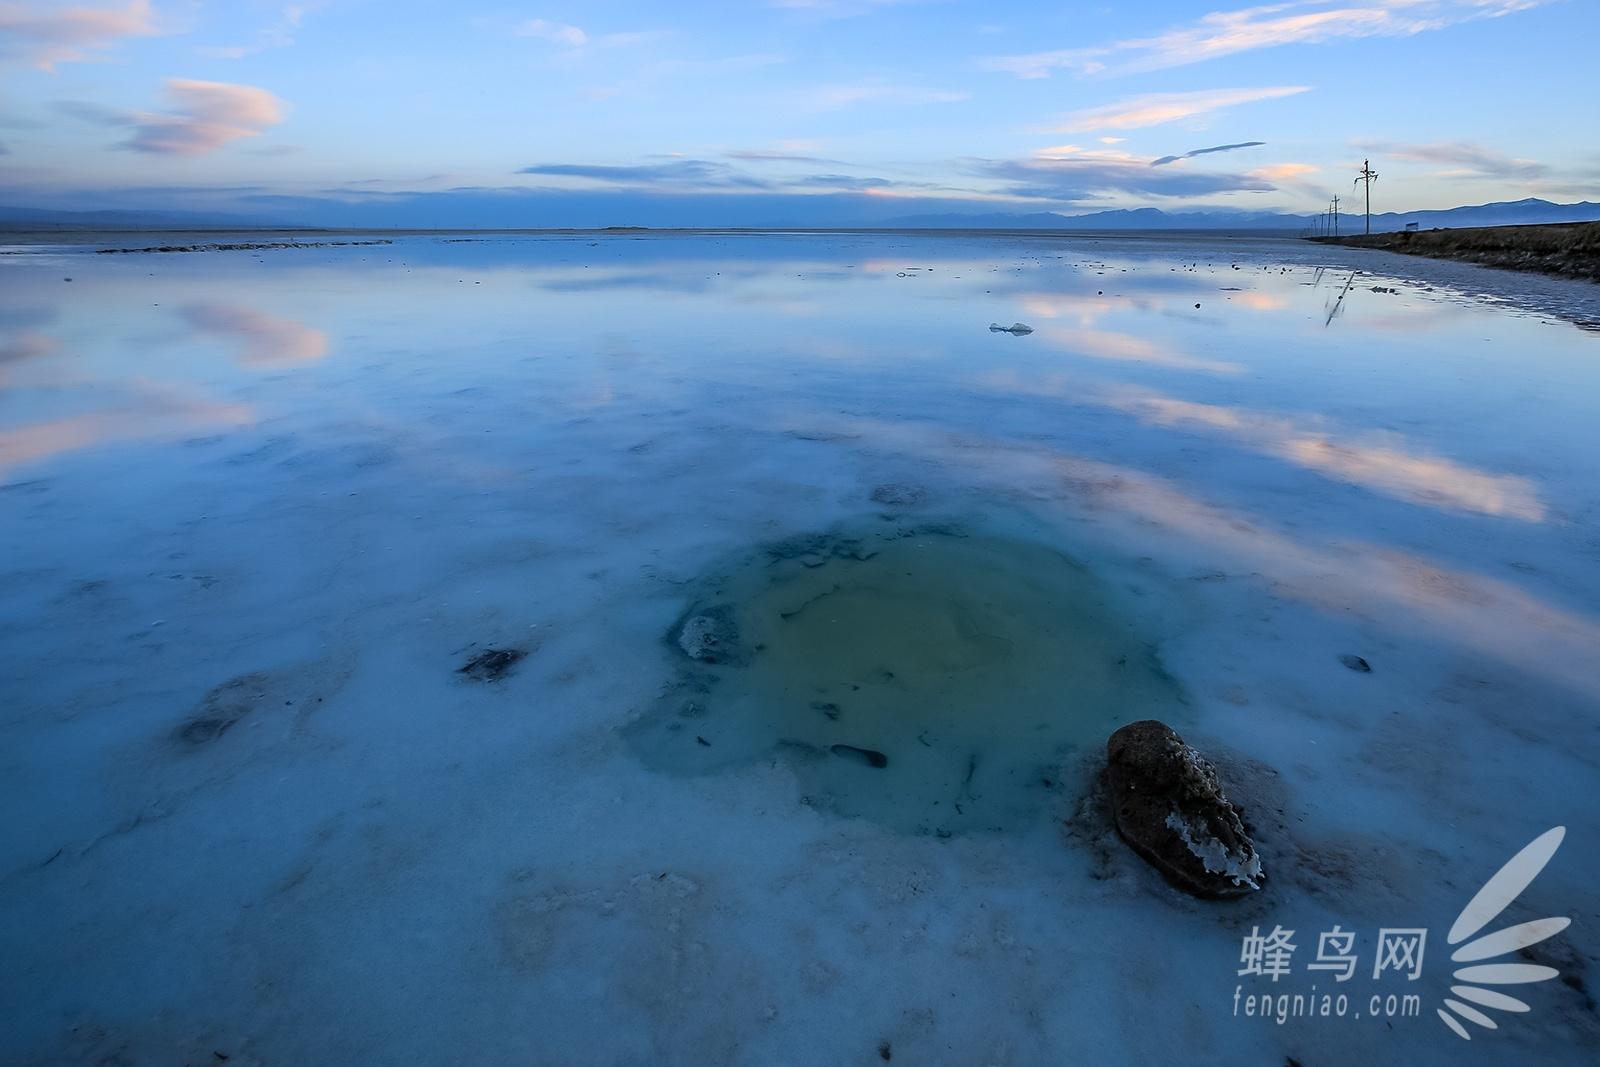 """它与塔尔寺,青海湖,孟达天池齐名,被称作""""青海四大景"""",同时还被国家"""